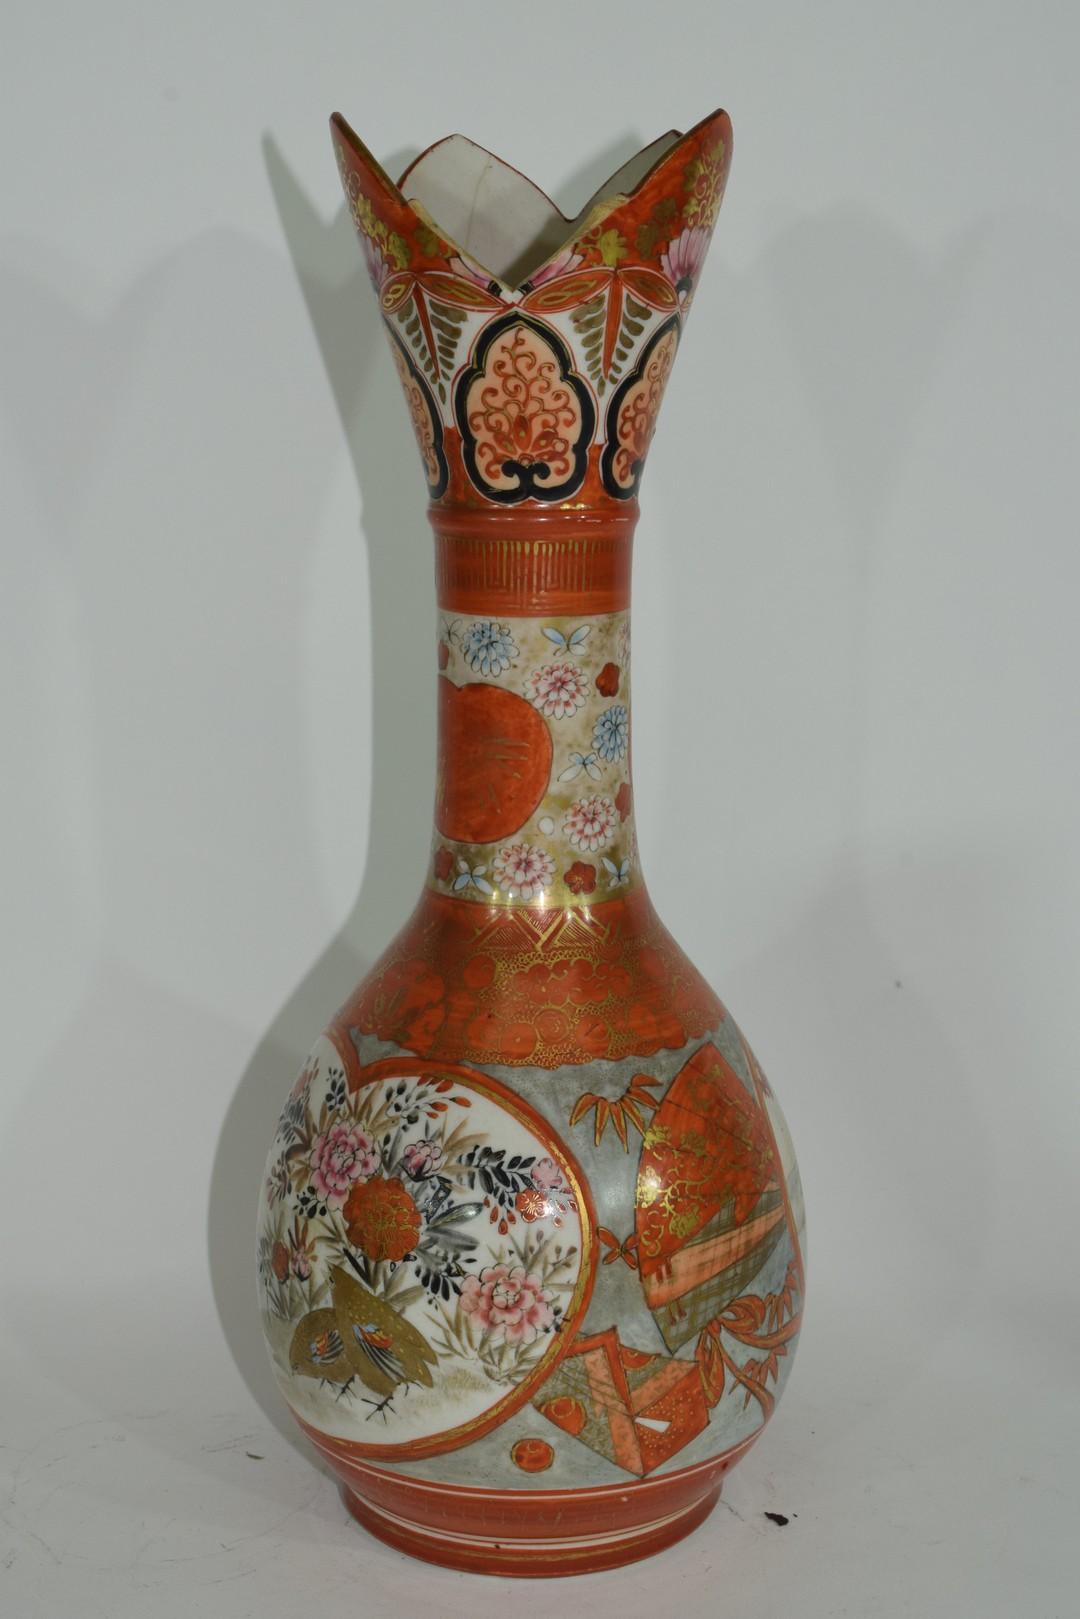 Group of Japanese Kutani style vases - Image 9 of 18